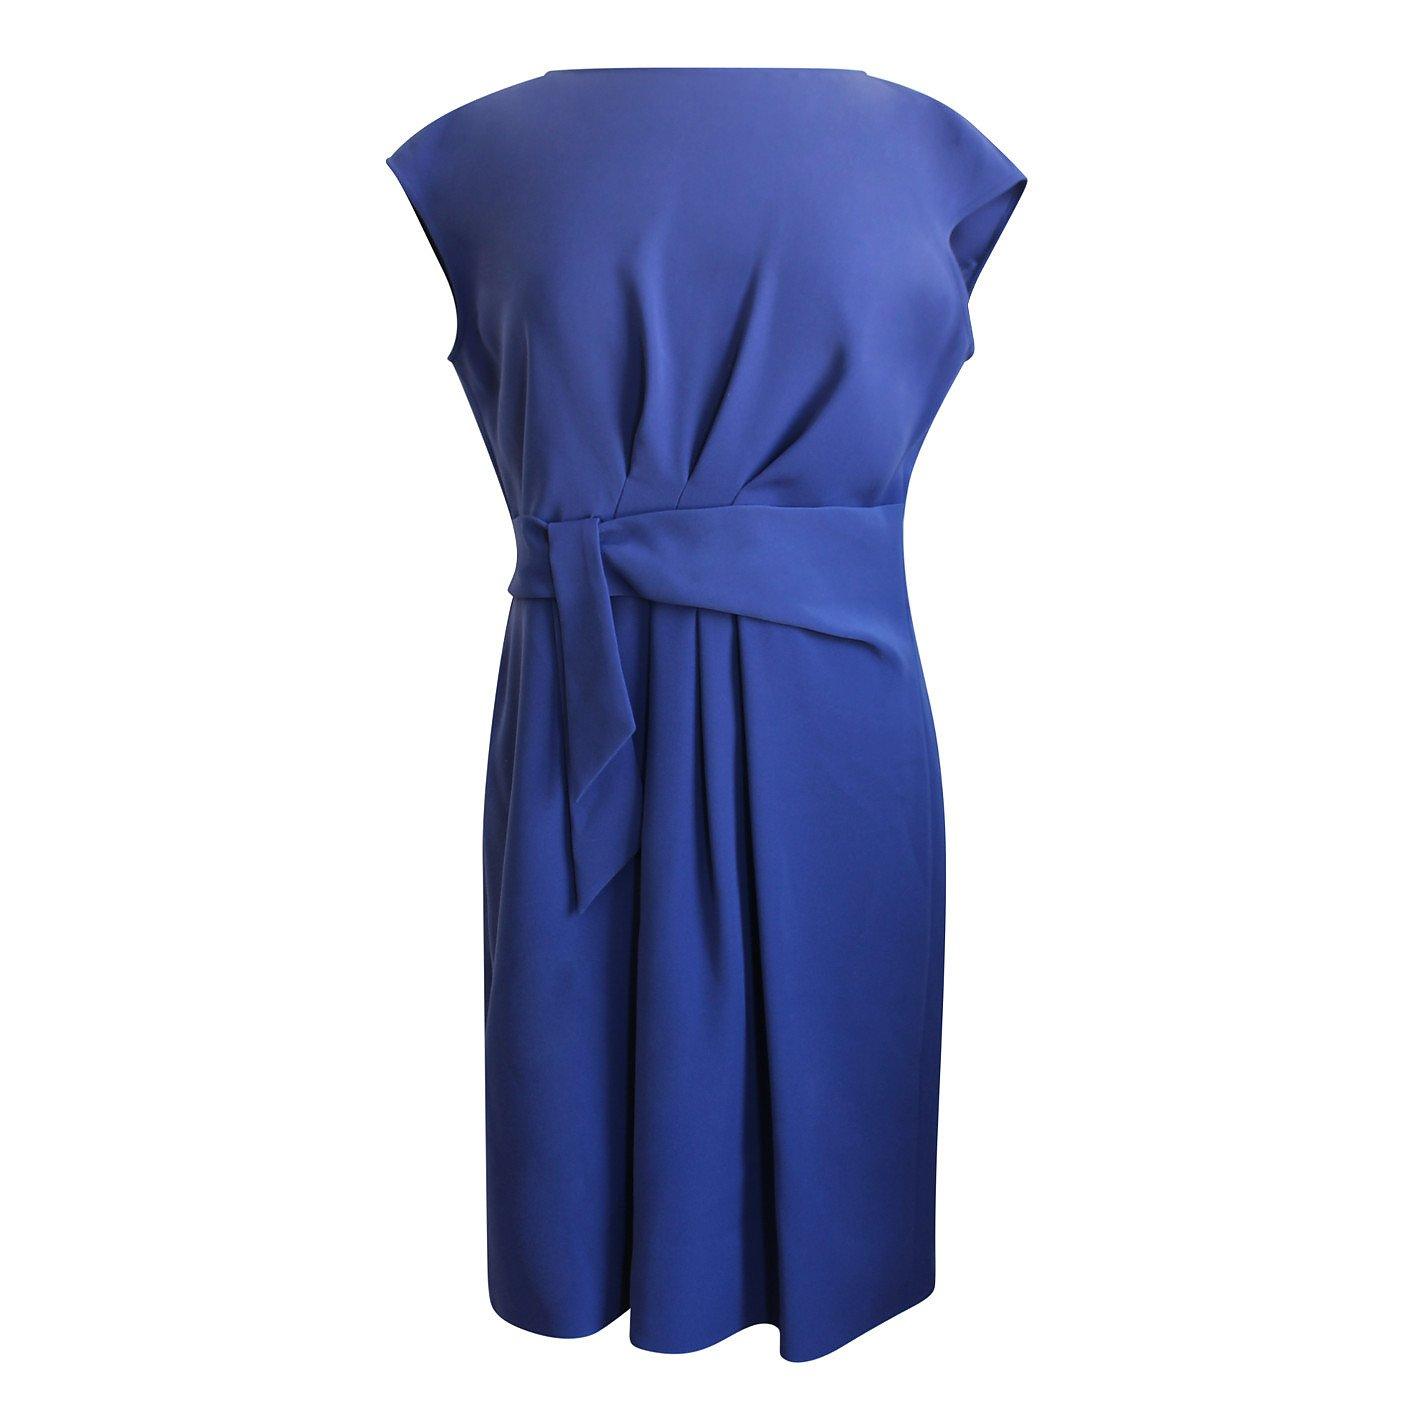 Armani Solid Tie Mini Dress